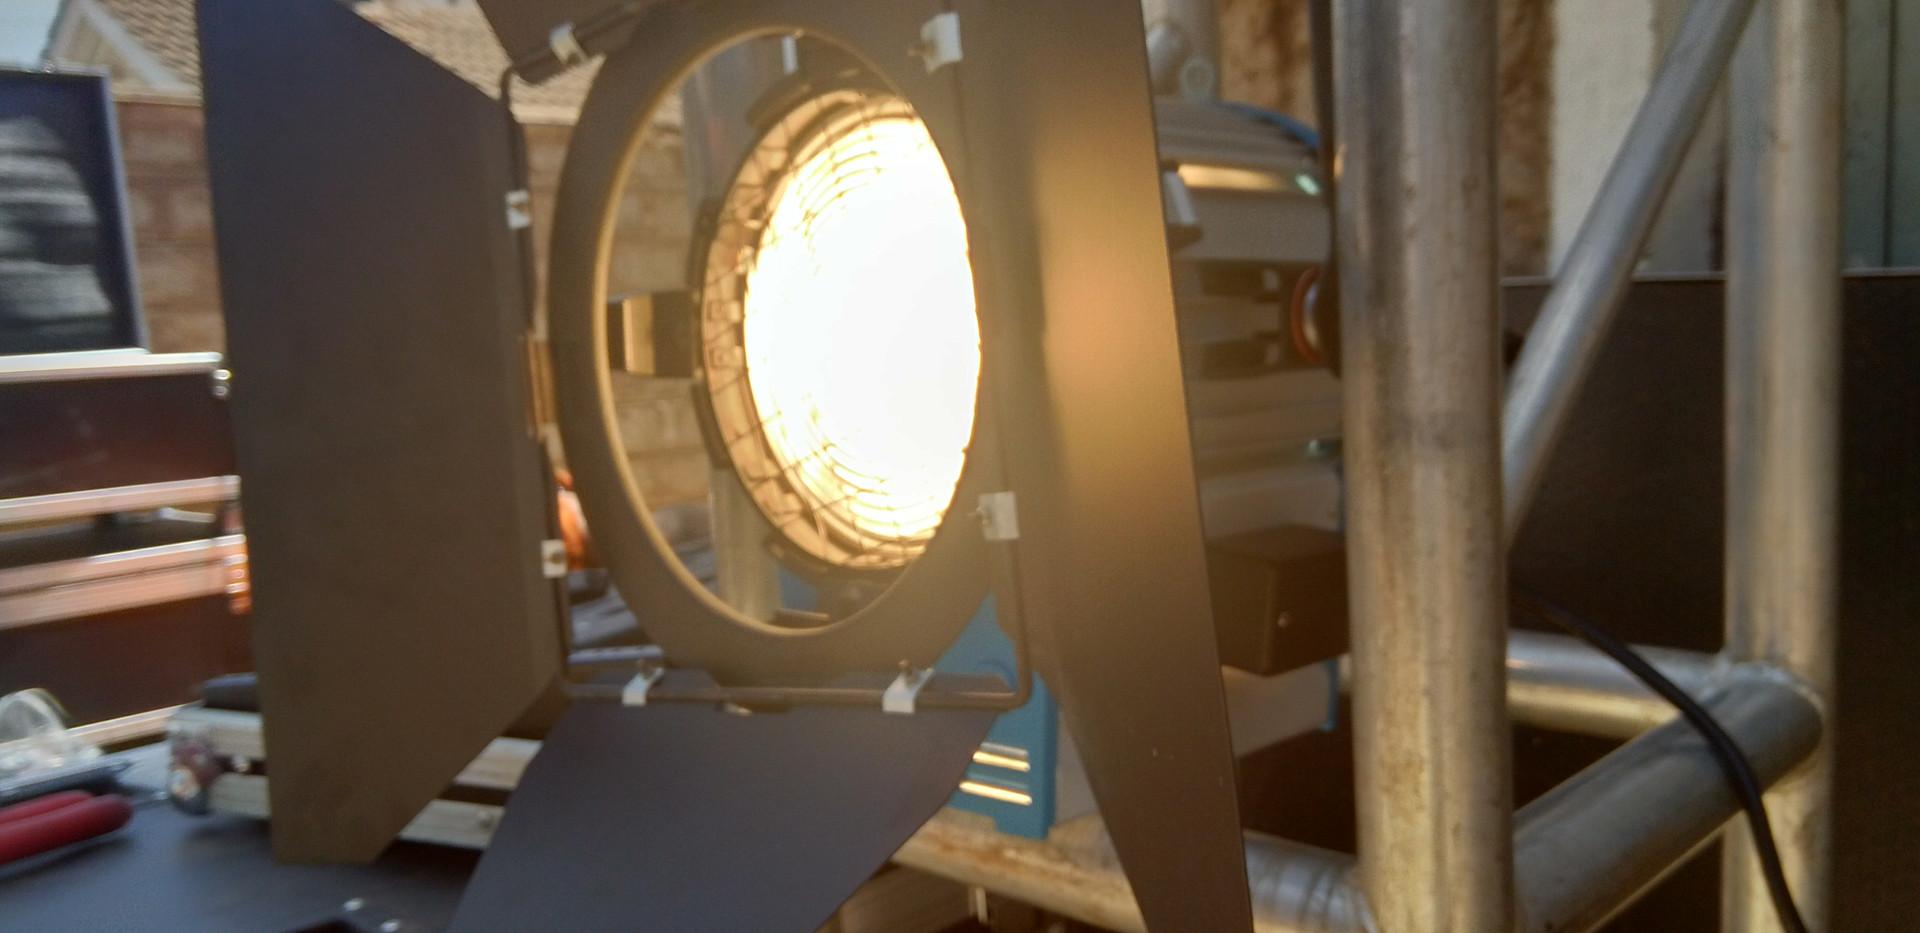 LED Fresnel Lights